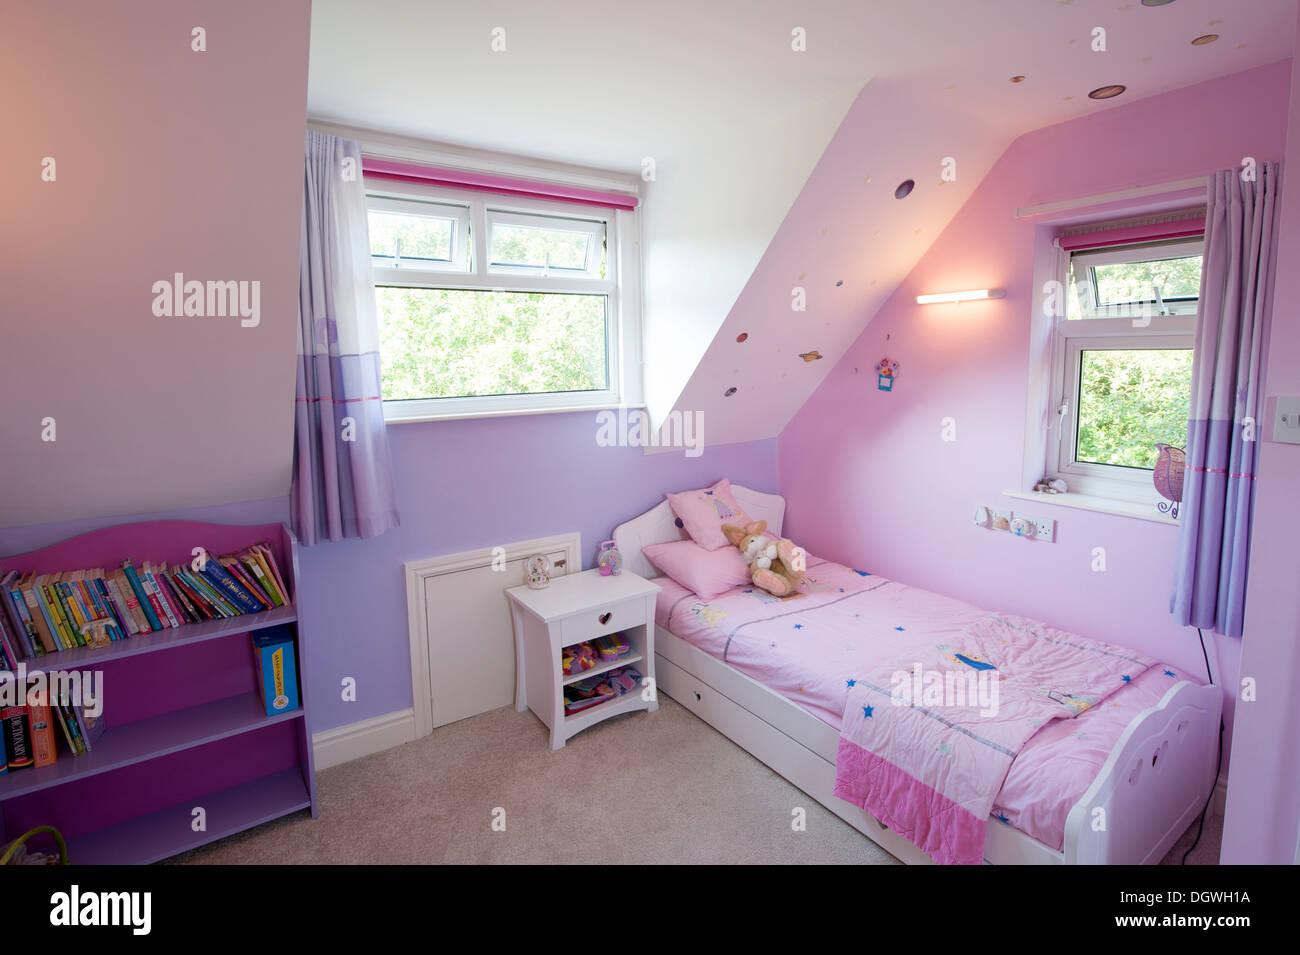 Camere Da Letto Giovani : Le giovani ragazze rosa graziosa camera da letto di barbie girl